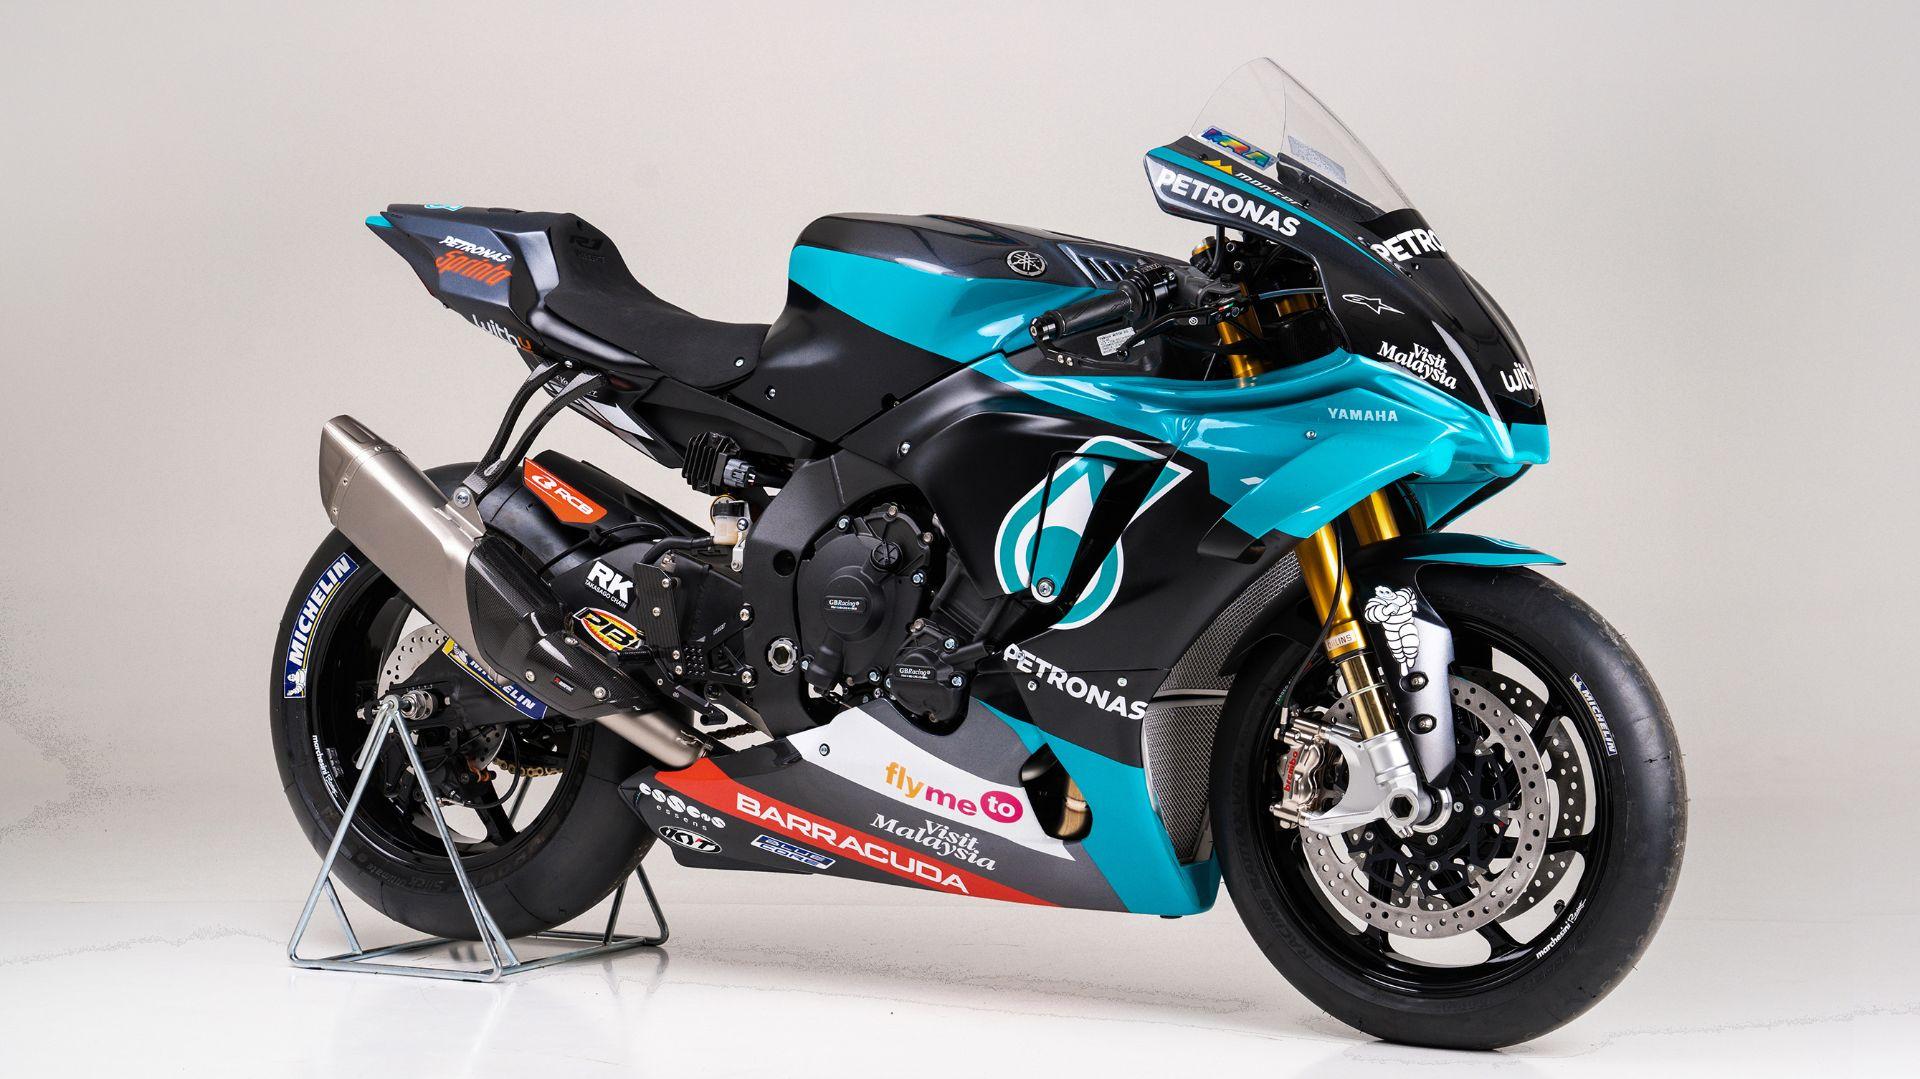 Bản sao xe đua SRT Yamaha R1 MotoGP Replica giá 1 tỷ 248 triệu đồng